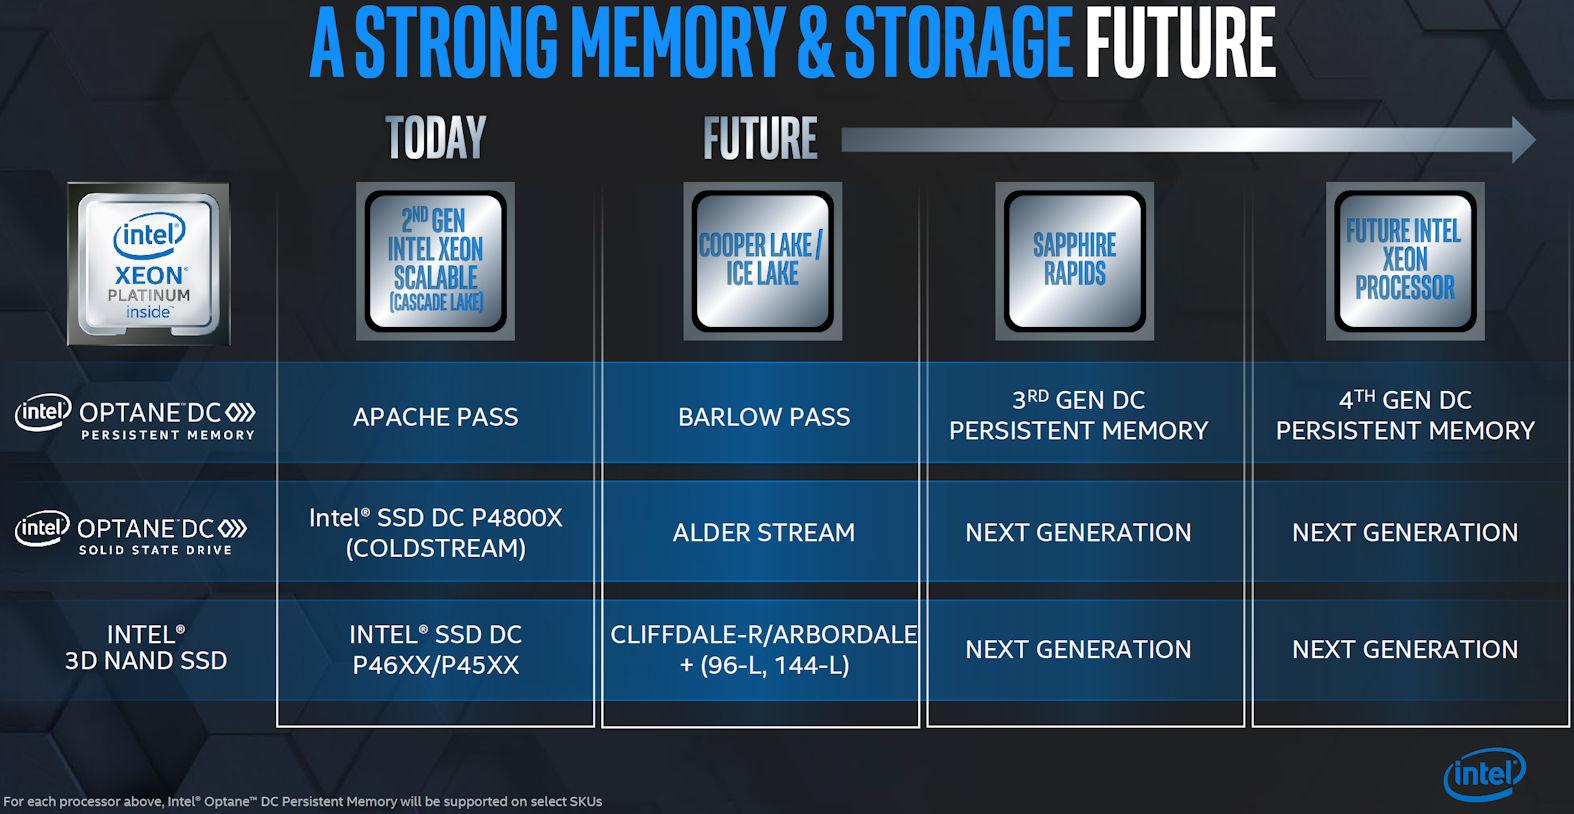 Intel DDR5 PCIe 5.0